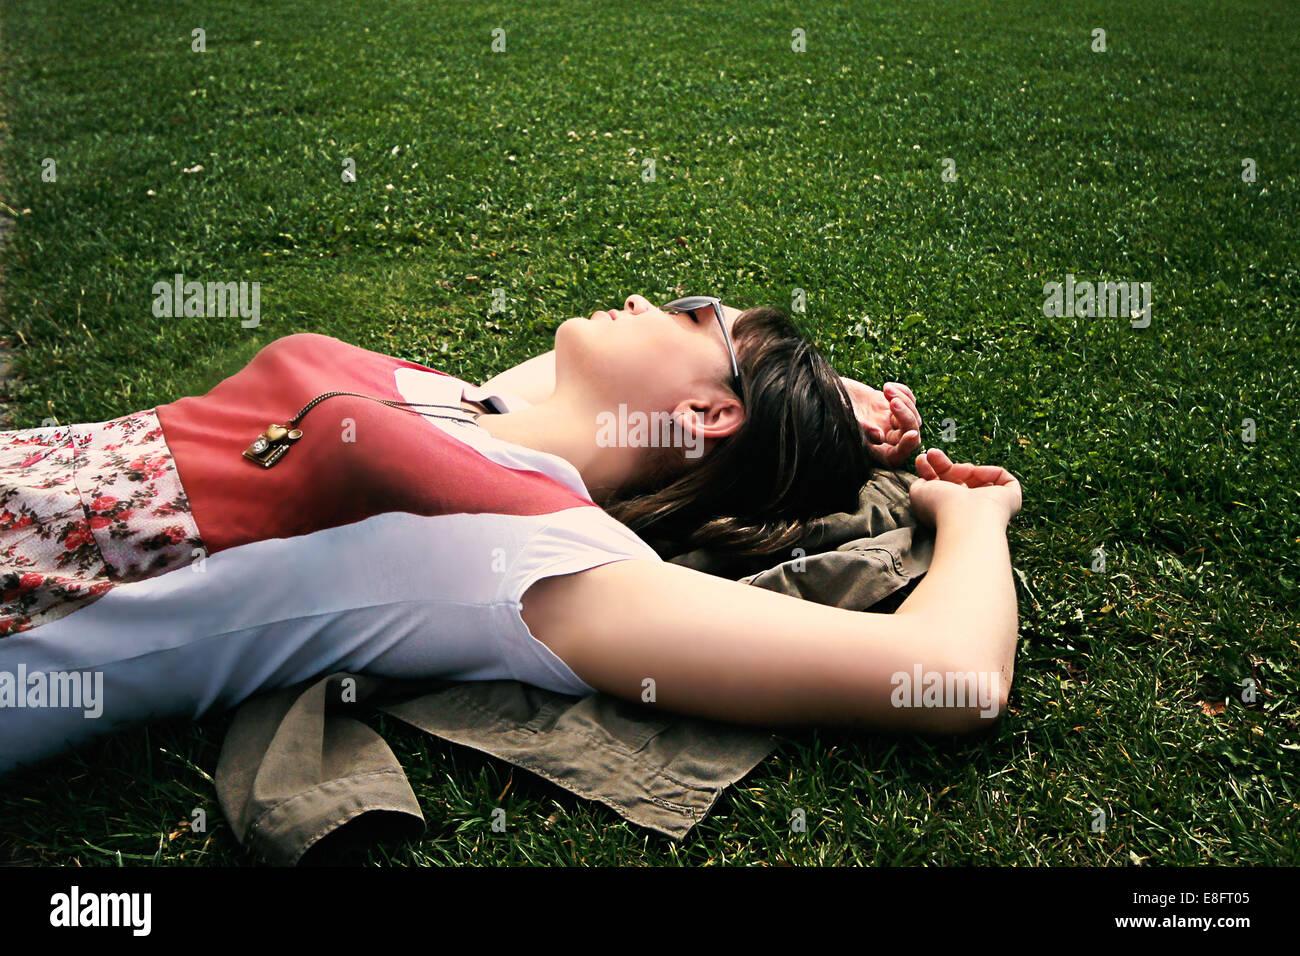 Donna sdraiata su erba rilassante Immagini Stock